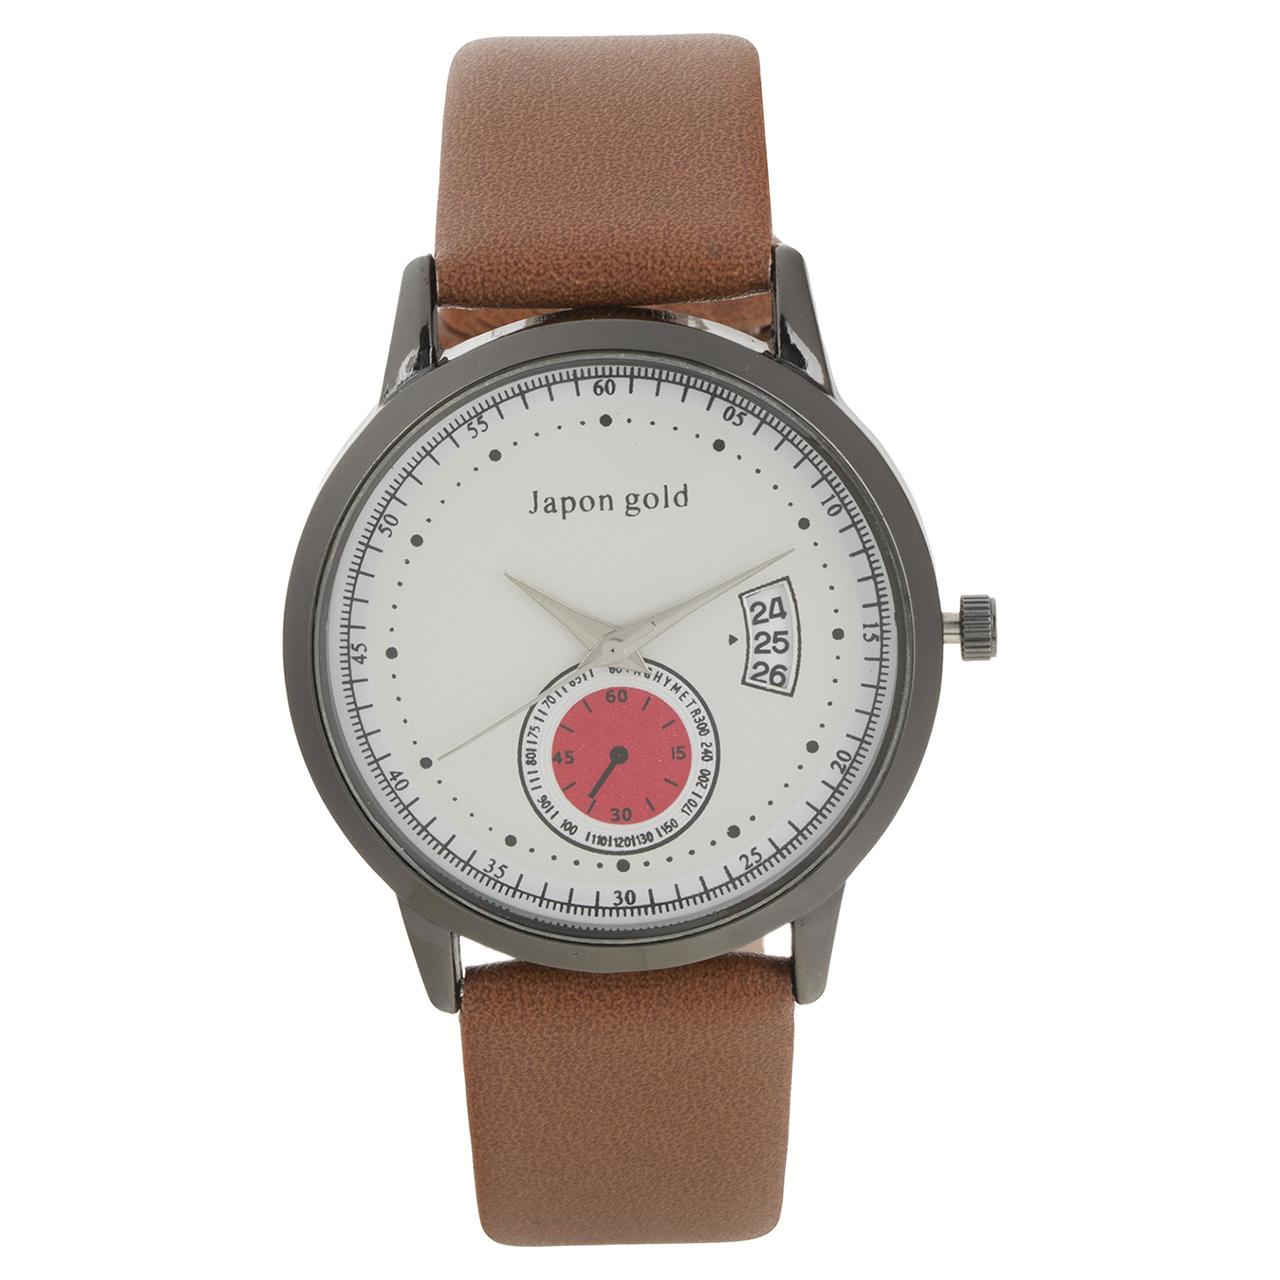 ساعت مچی عقربه ای ژاپن گلد مدل Zm01 46